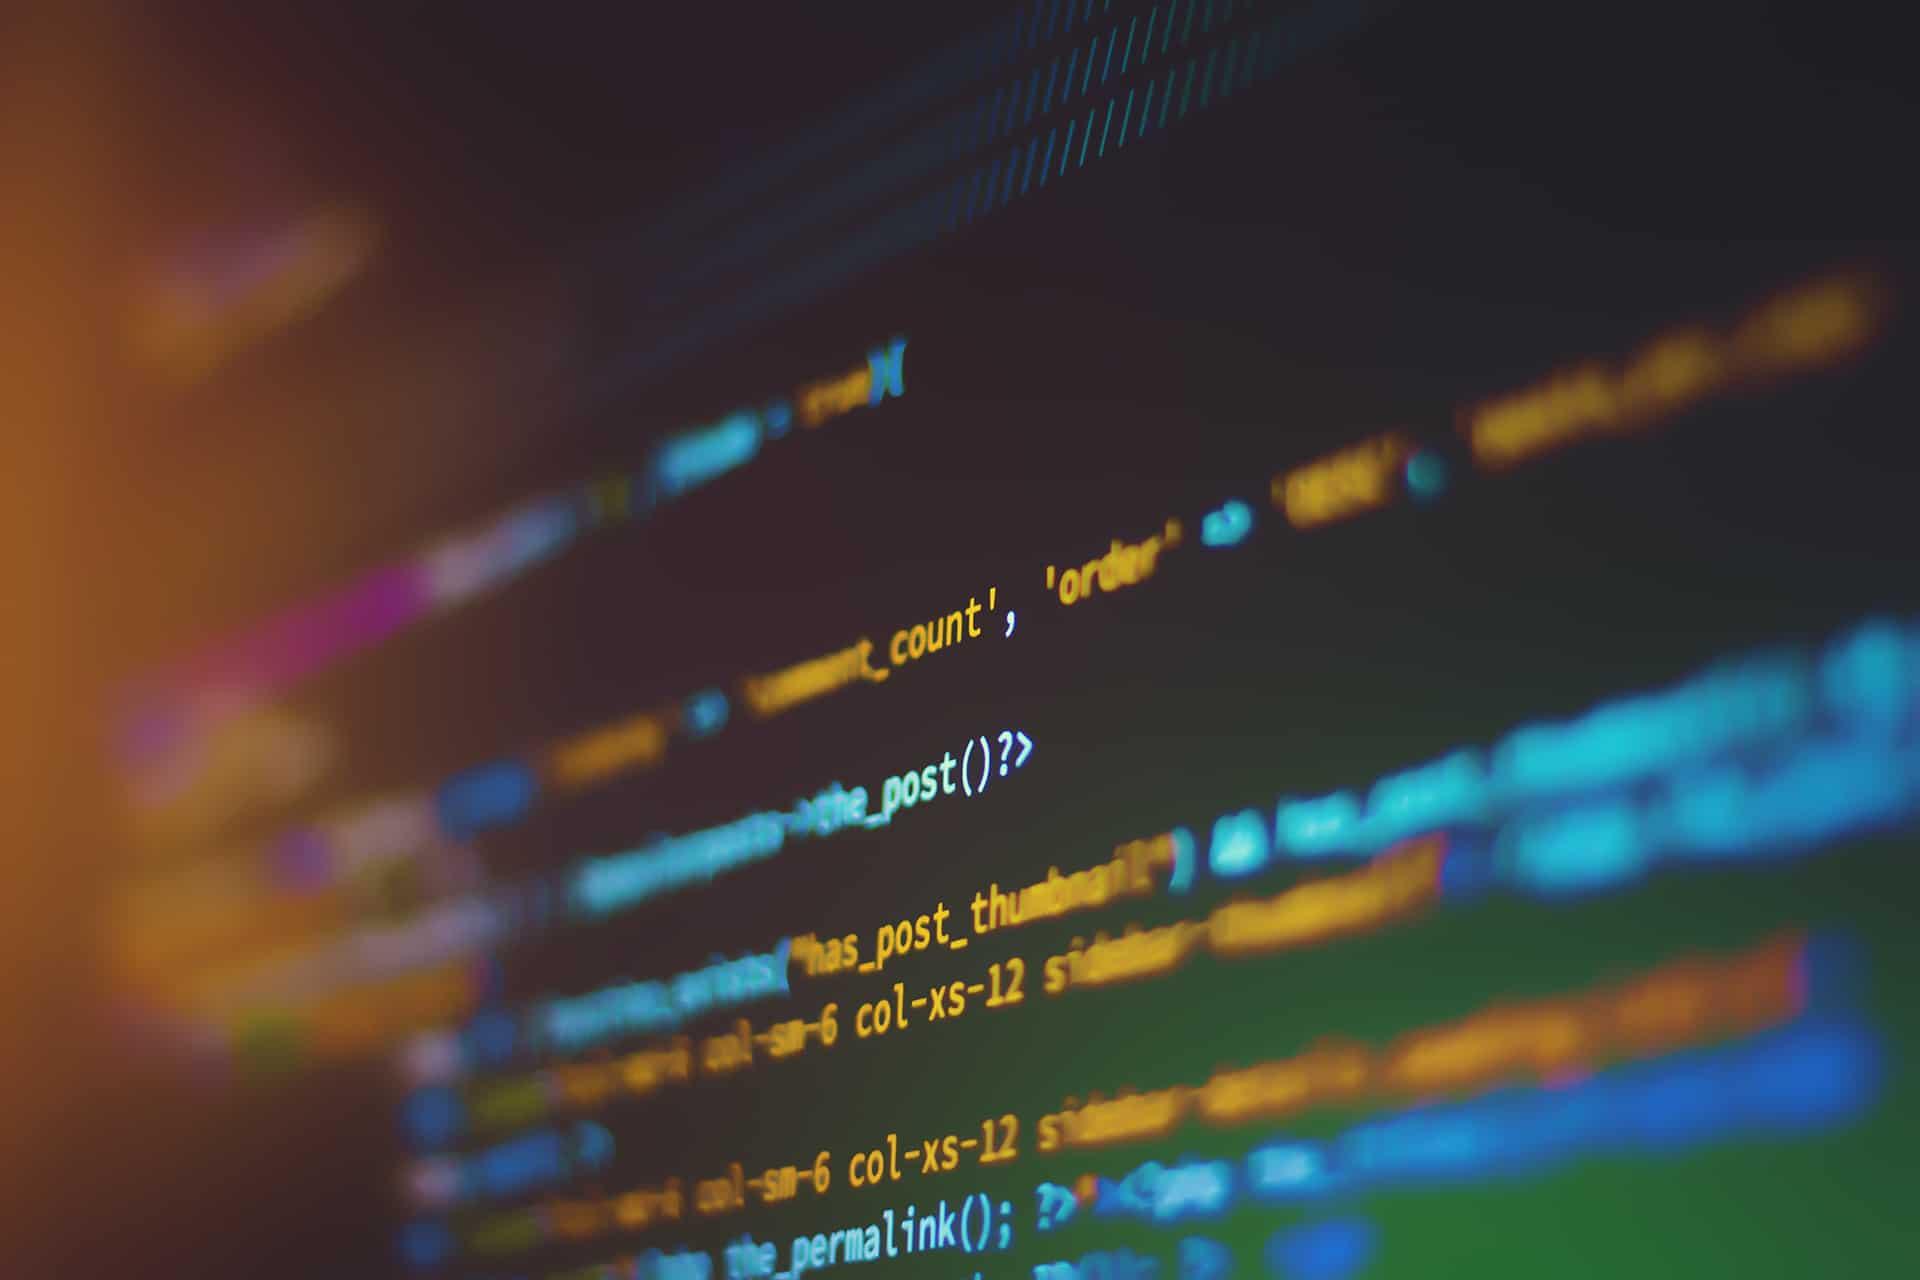 yStandard本体のJavaScriptの後に独自JavaScriptを読み込ませる方法